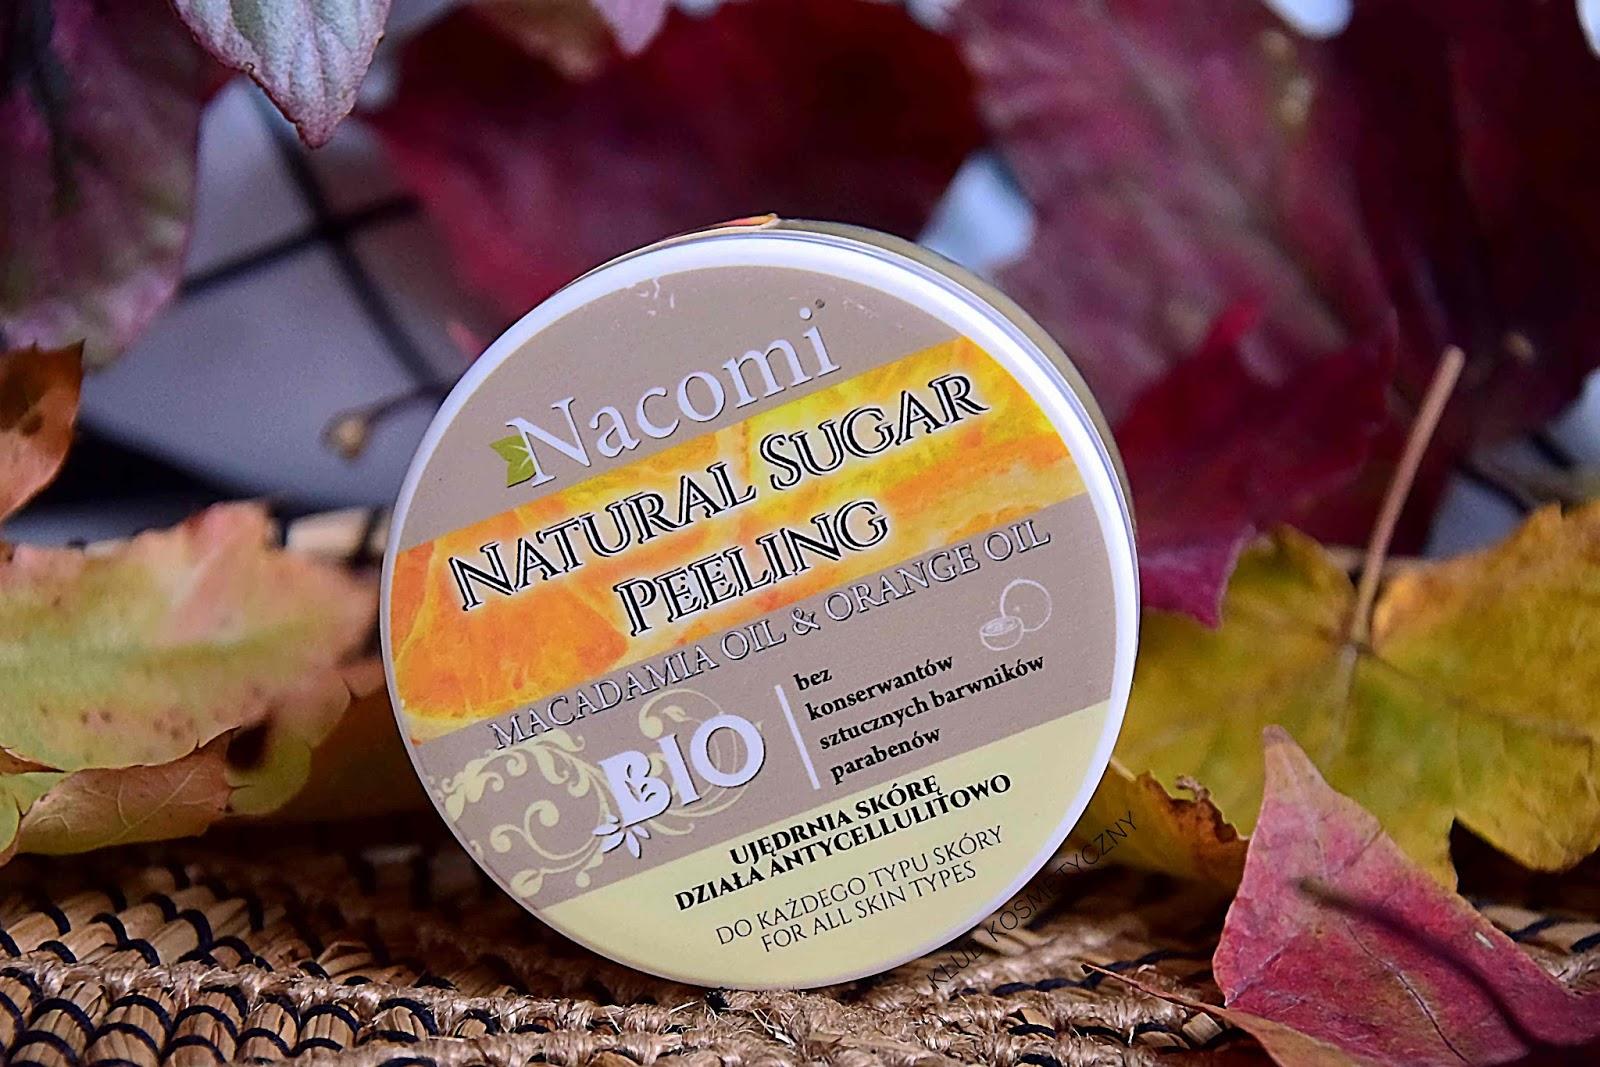 Nacomi Natural Sugar Peeling